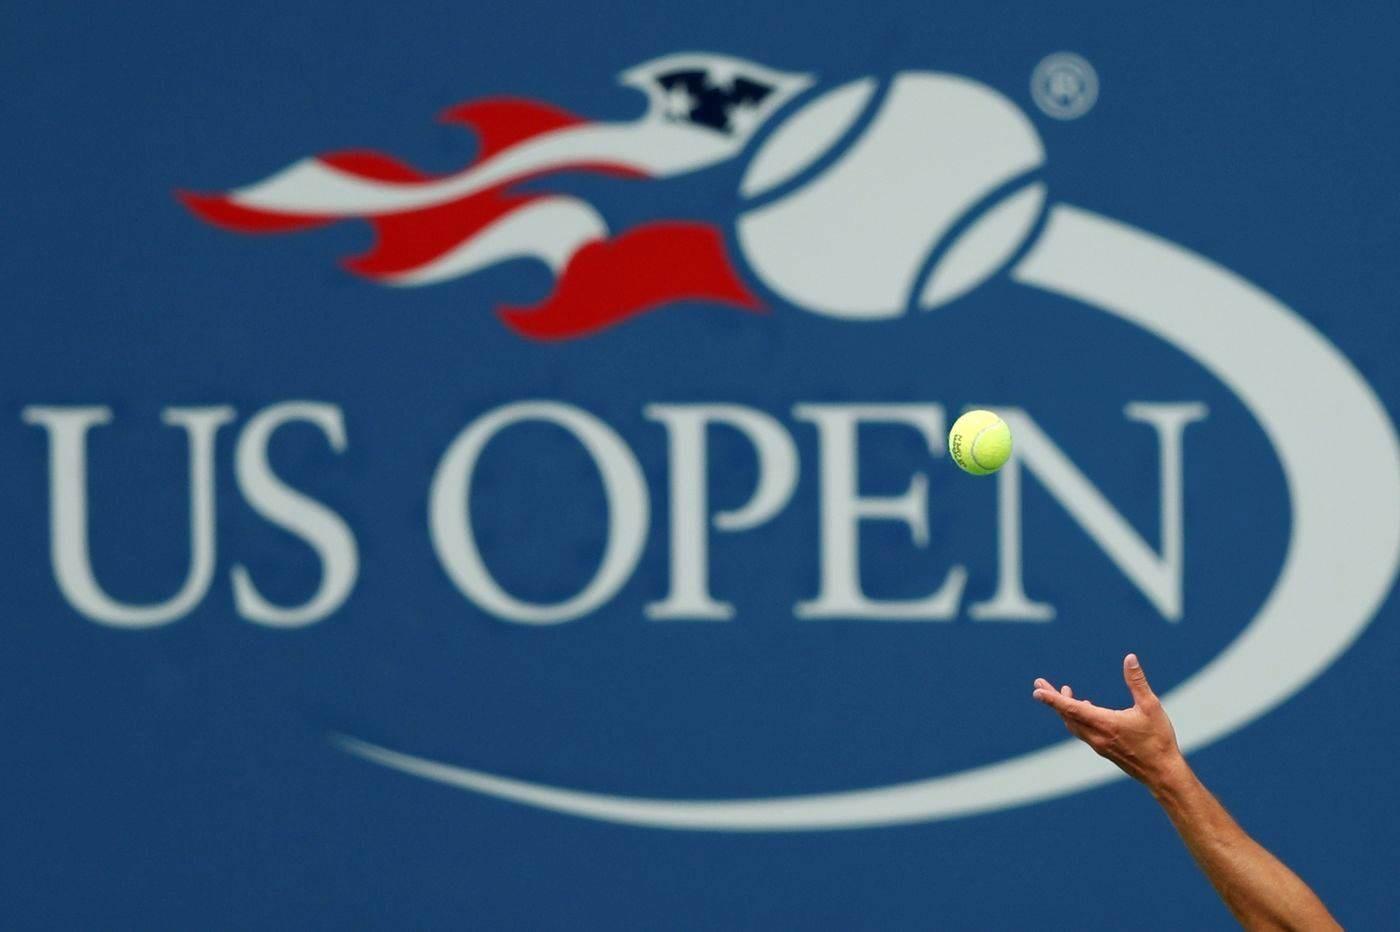 تنس: بطولة أميركا المفتوحة ستقام في موعدها من دون جمهور